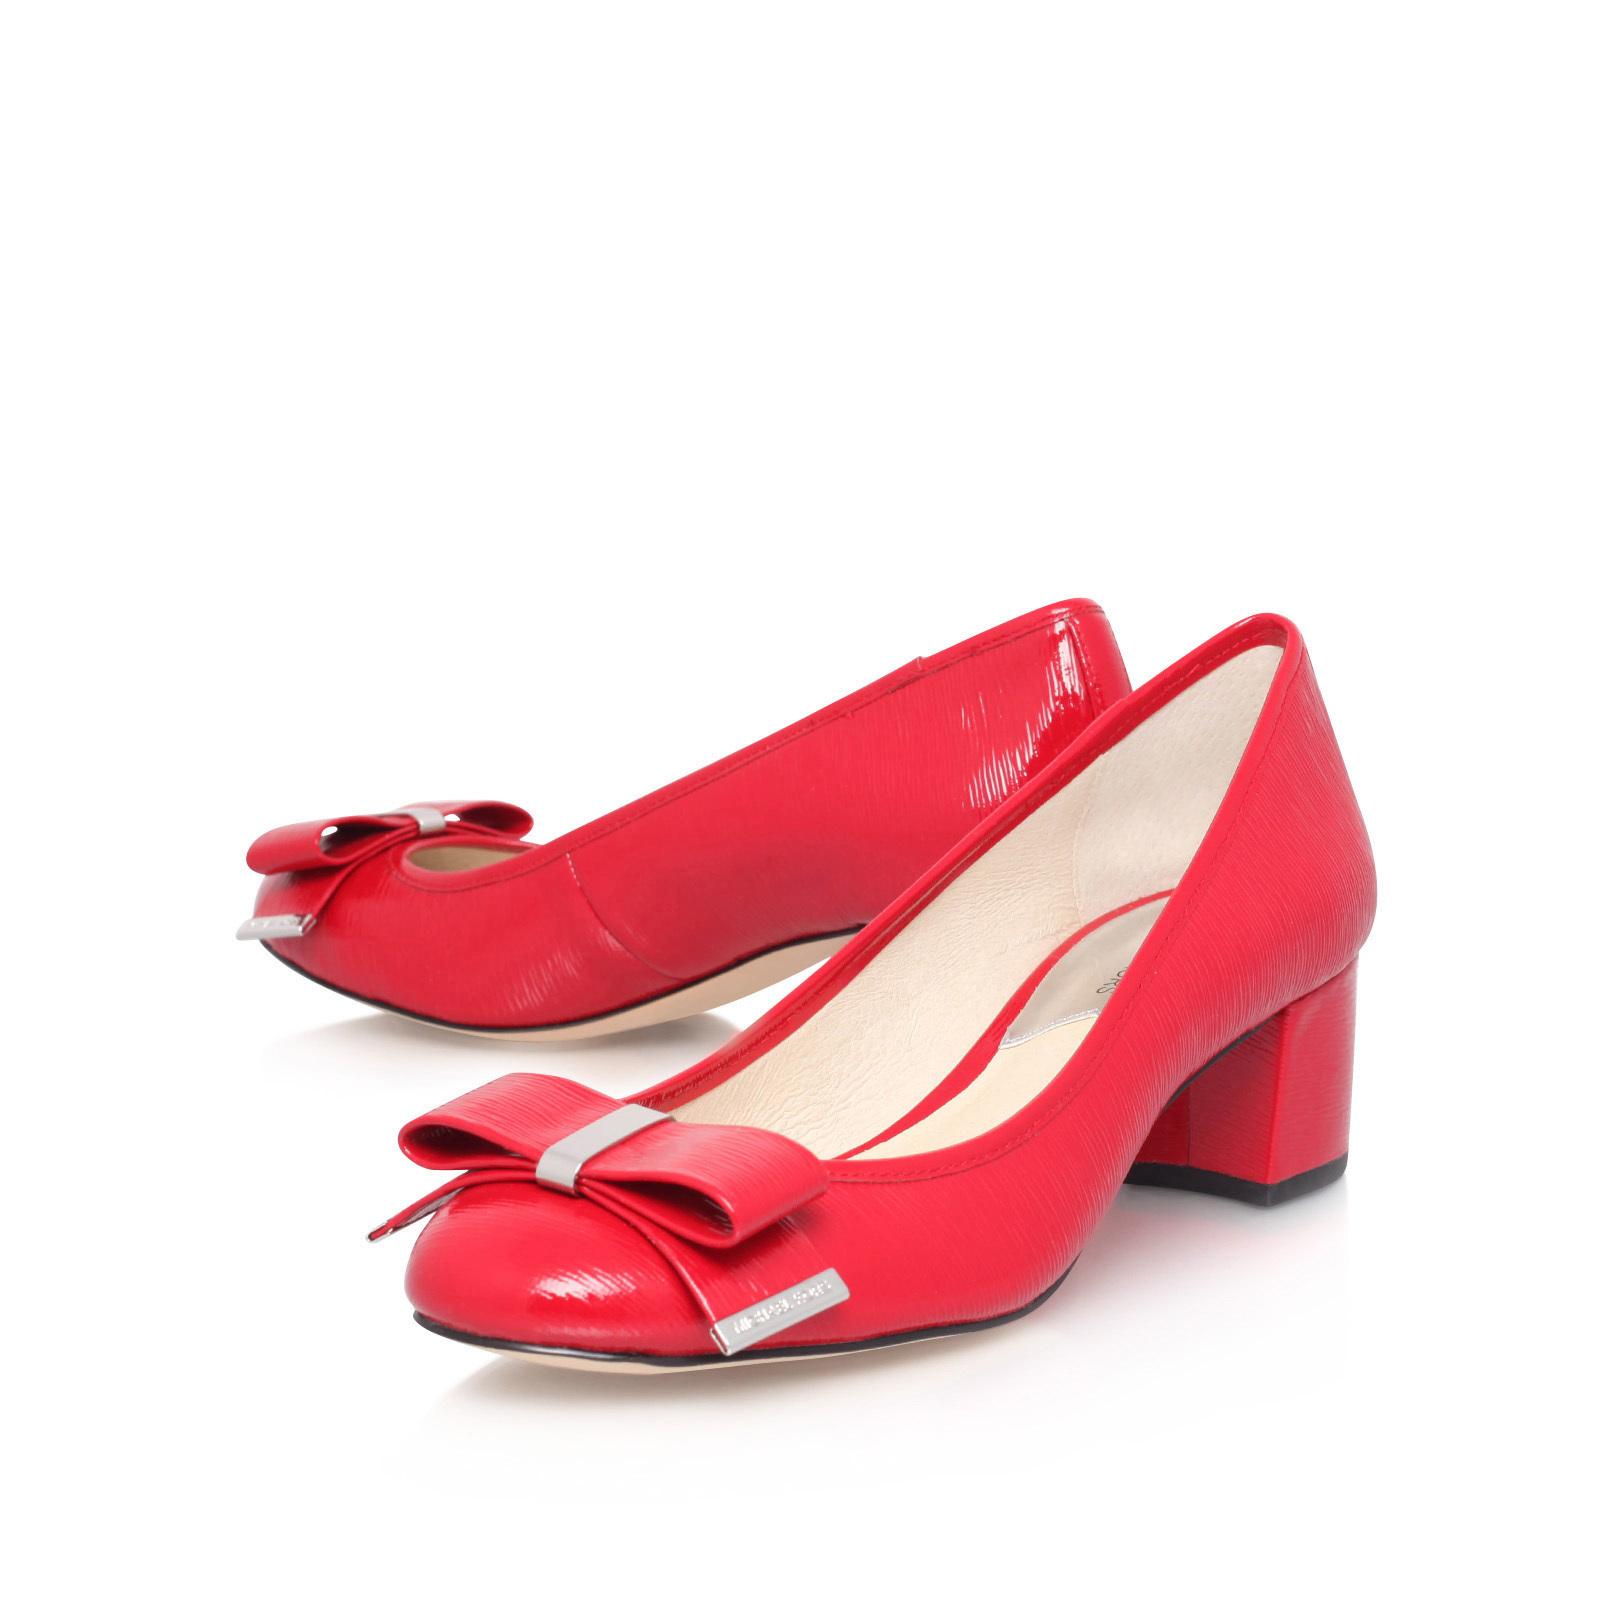 00b9c21aba39 KIERA MID PUMP Michael Michael Kors Kiera Mid Pump Red Patent Court ...